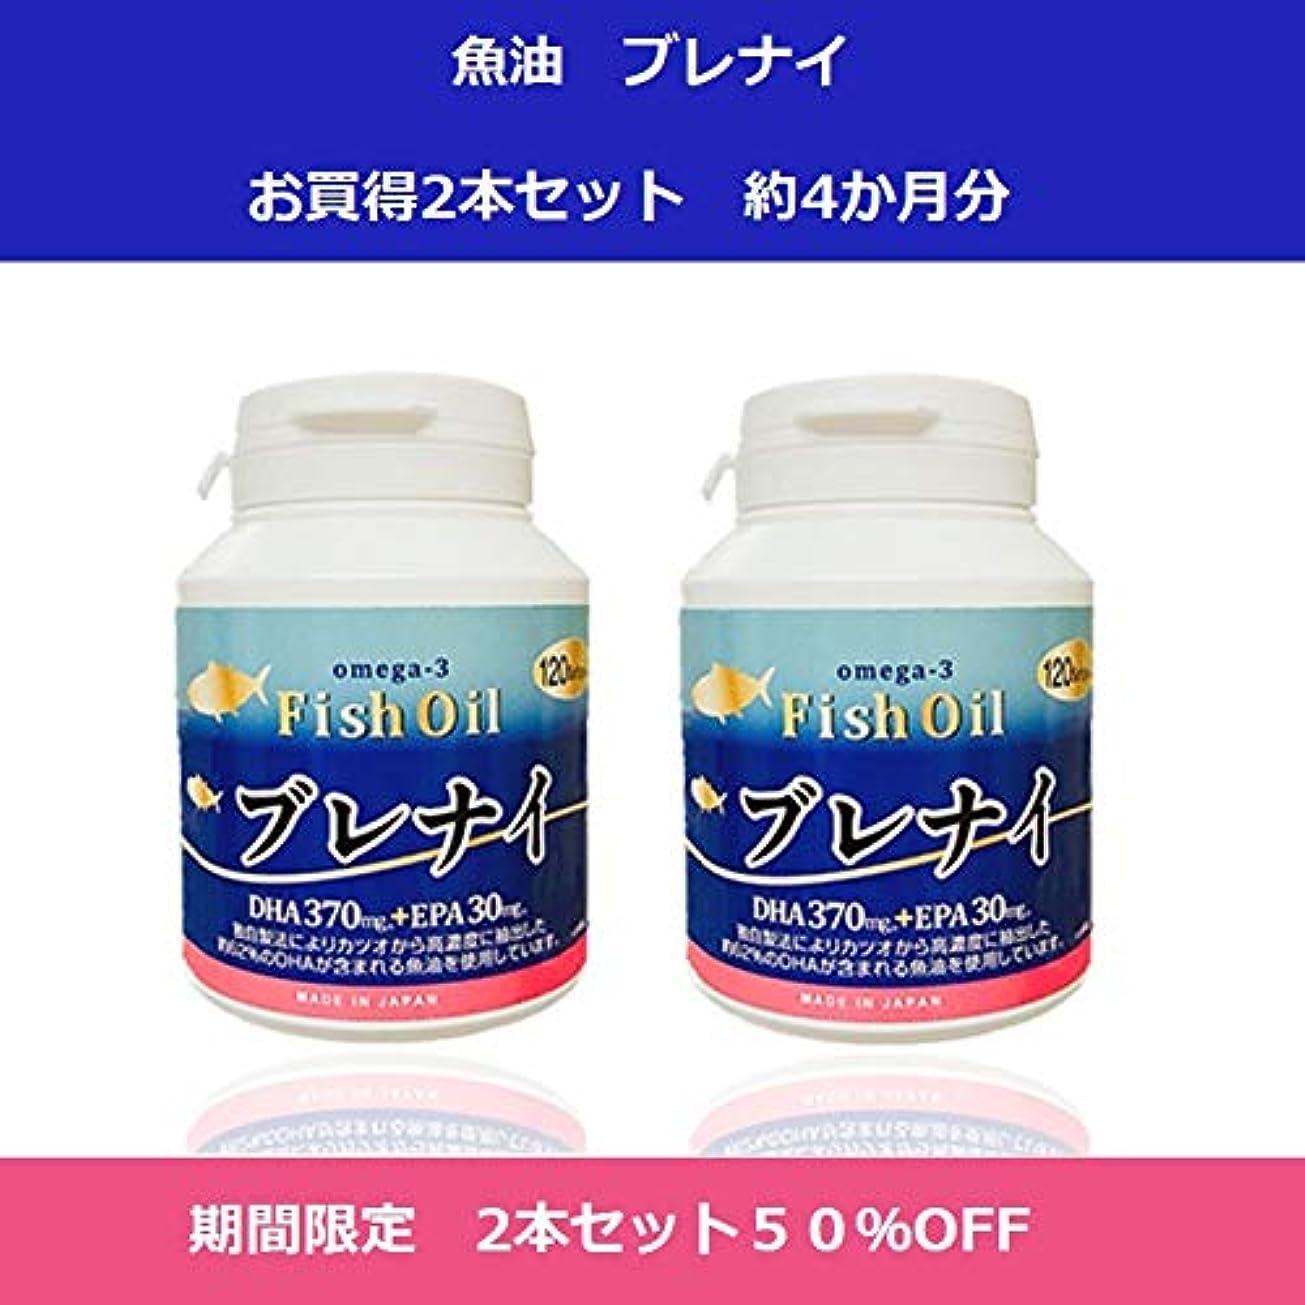 水素名誉未知のWinnow魚油<ブレナイ> 2本セット オメガ3脂肪酸 Omega3 Fish oil 日本産高濃度DHA、EPA / 120粒入り